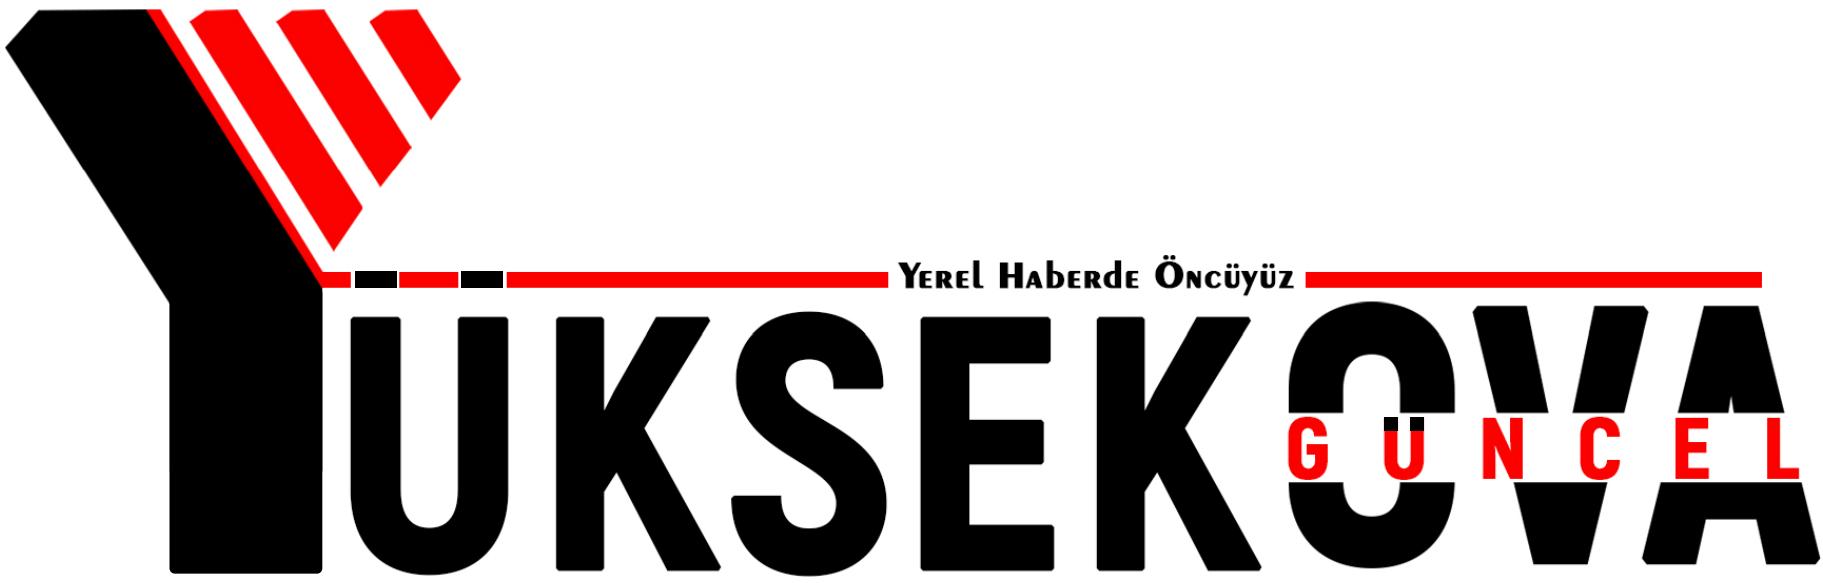 Yüksekova Güncel Haber - Yüksekova - Hakkari - Şemdinli - Esendere